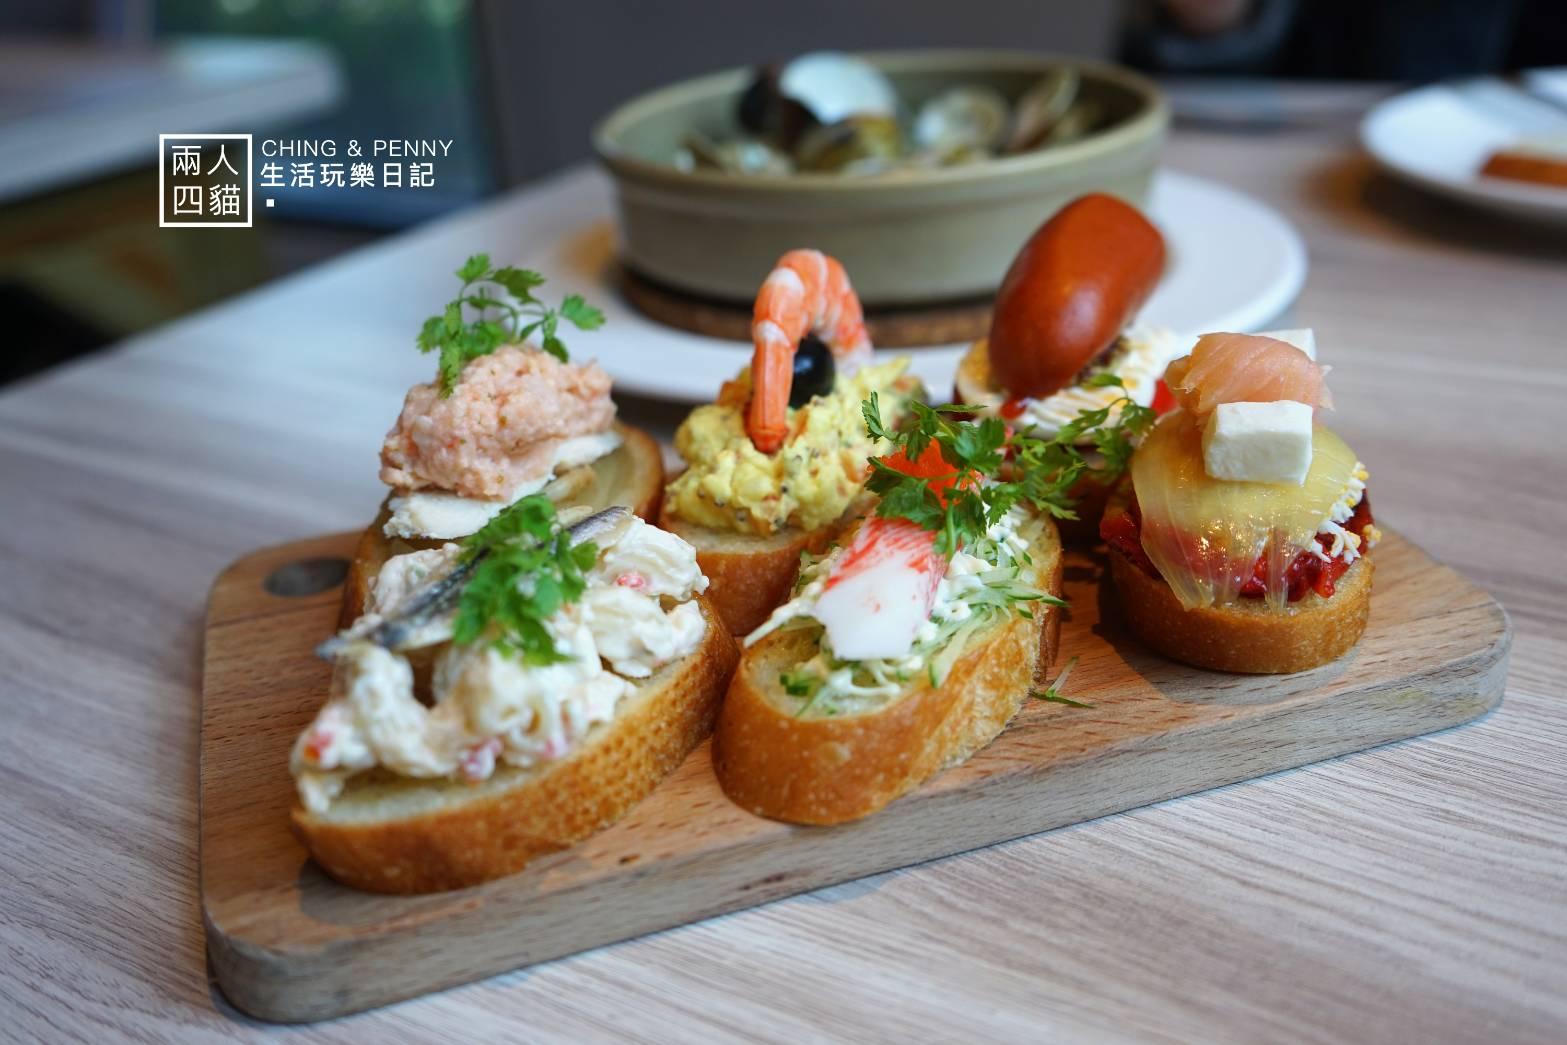 【新竹|美食】隱藏新竹的平價道地西班牙料理!【西班牙農家廚房】視覺與味覺的雙重饗宴!